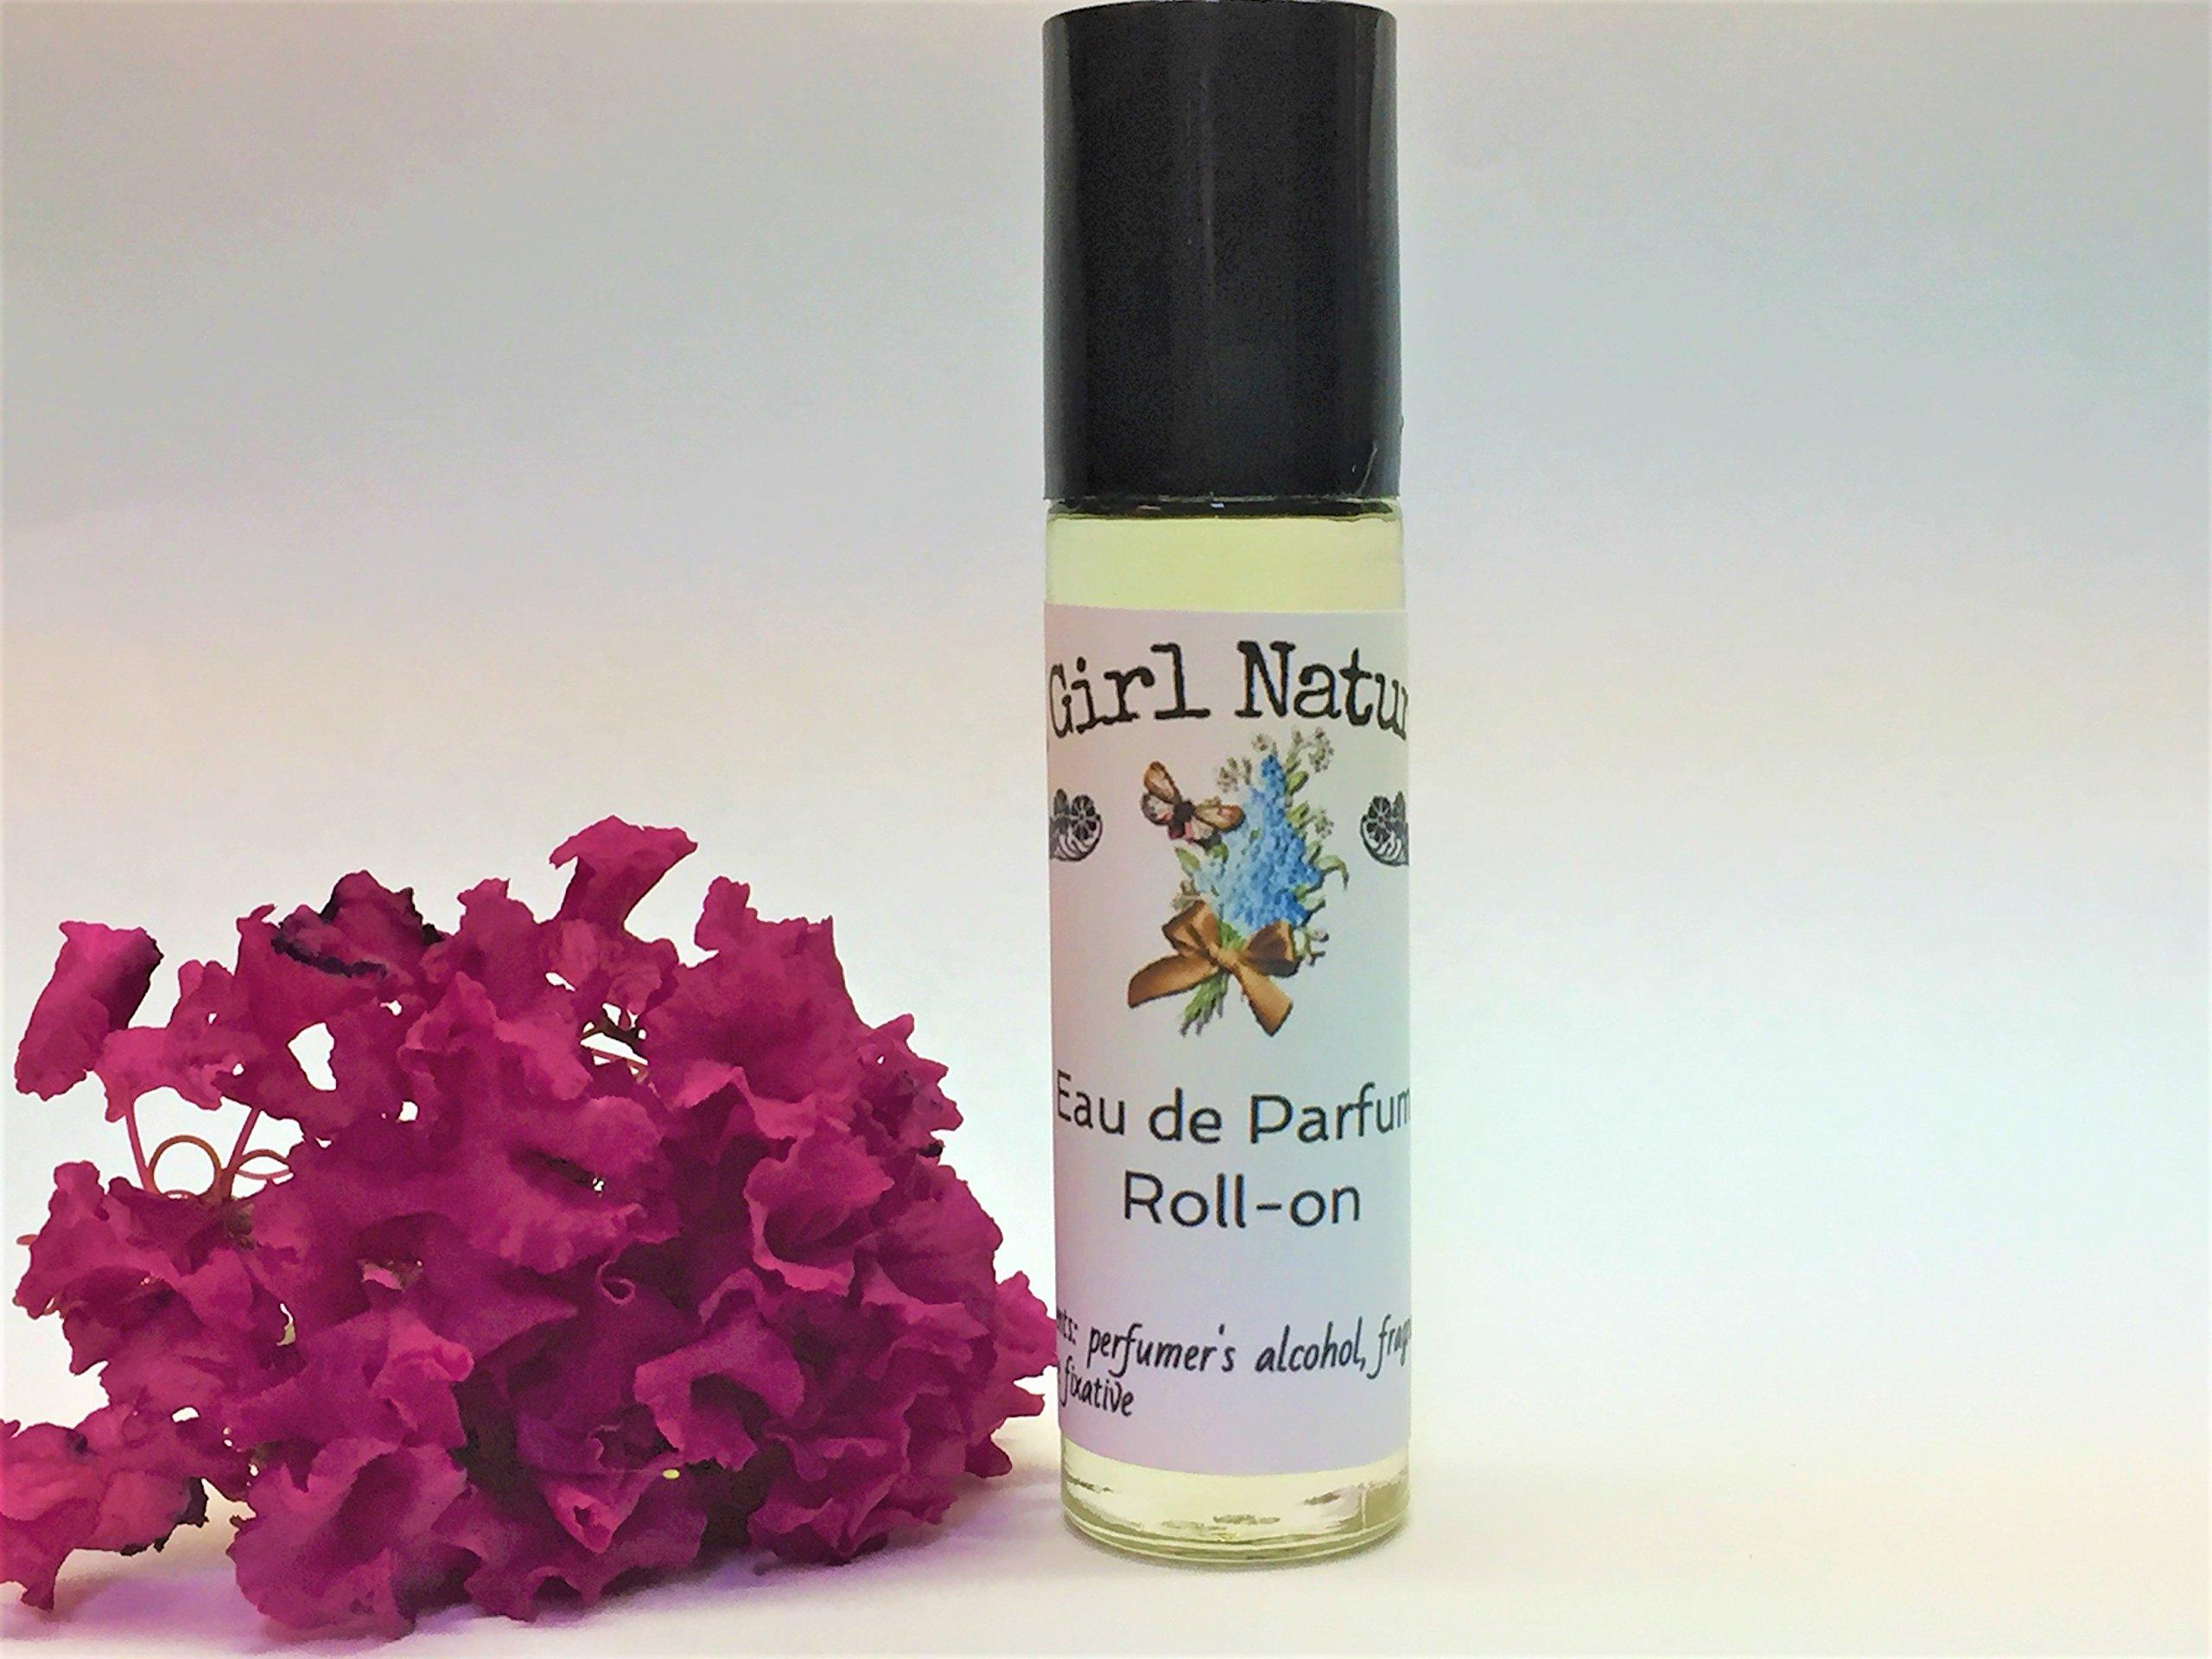 Love Spell Type Eau de Parfum Roll On, Eau de Parfum, Parfum, Perfume, Perfume Roll on, Handmade by GA Girl Naturals